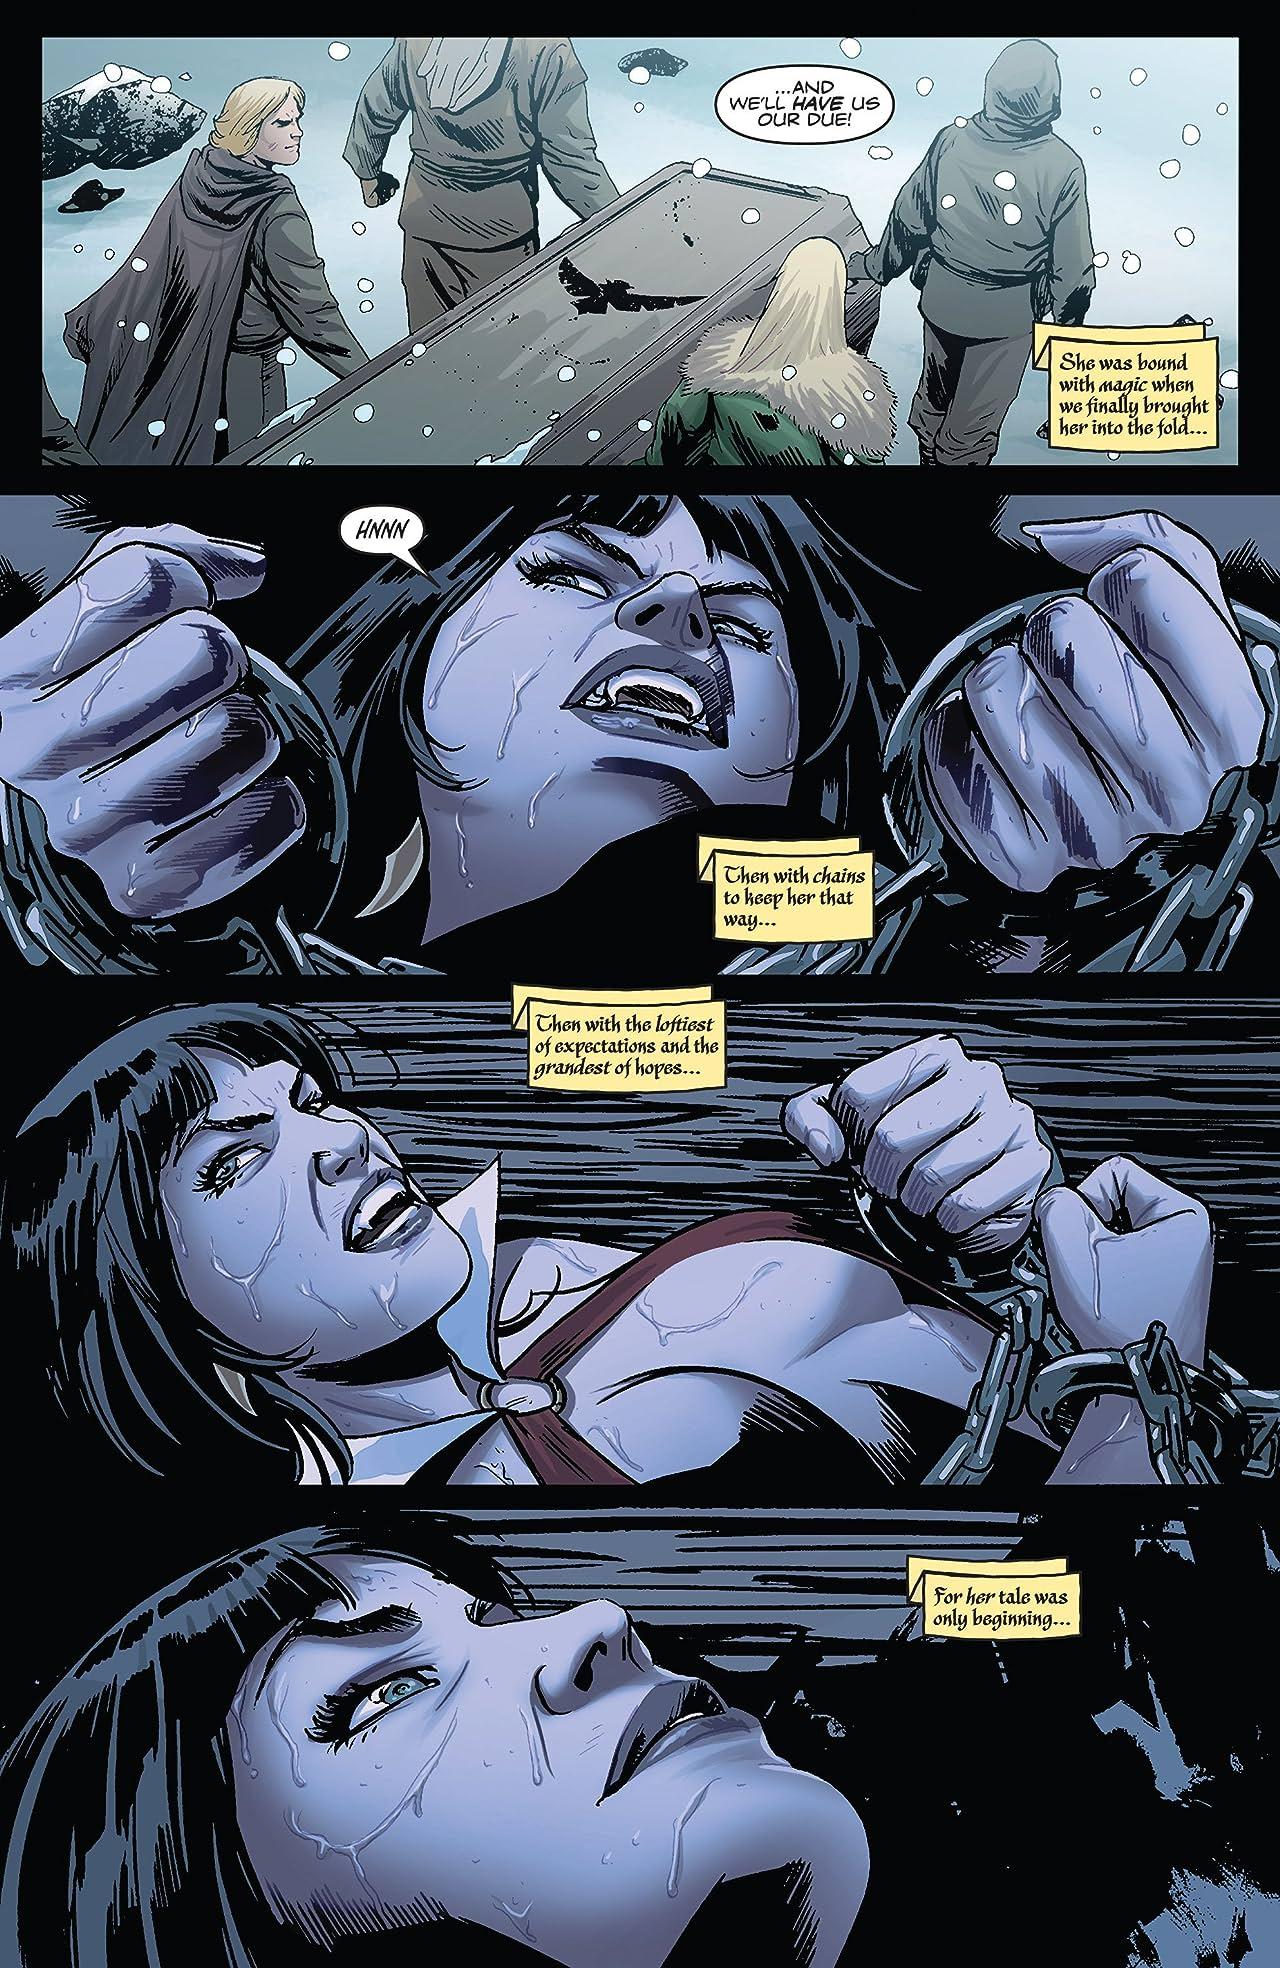 Vampirella vs. Dracula #4